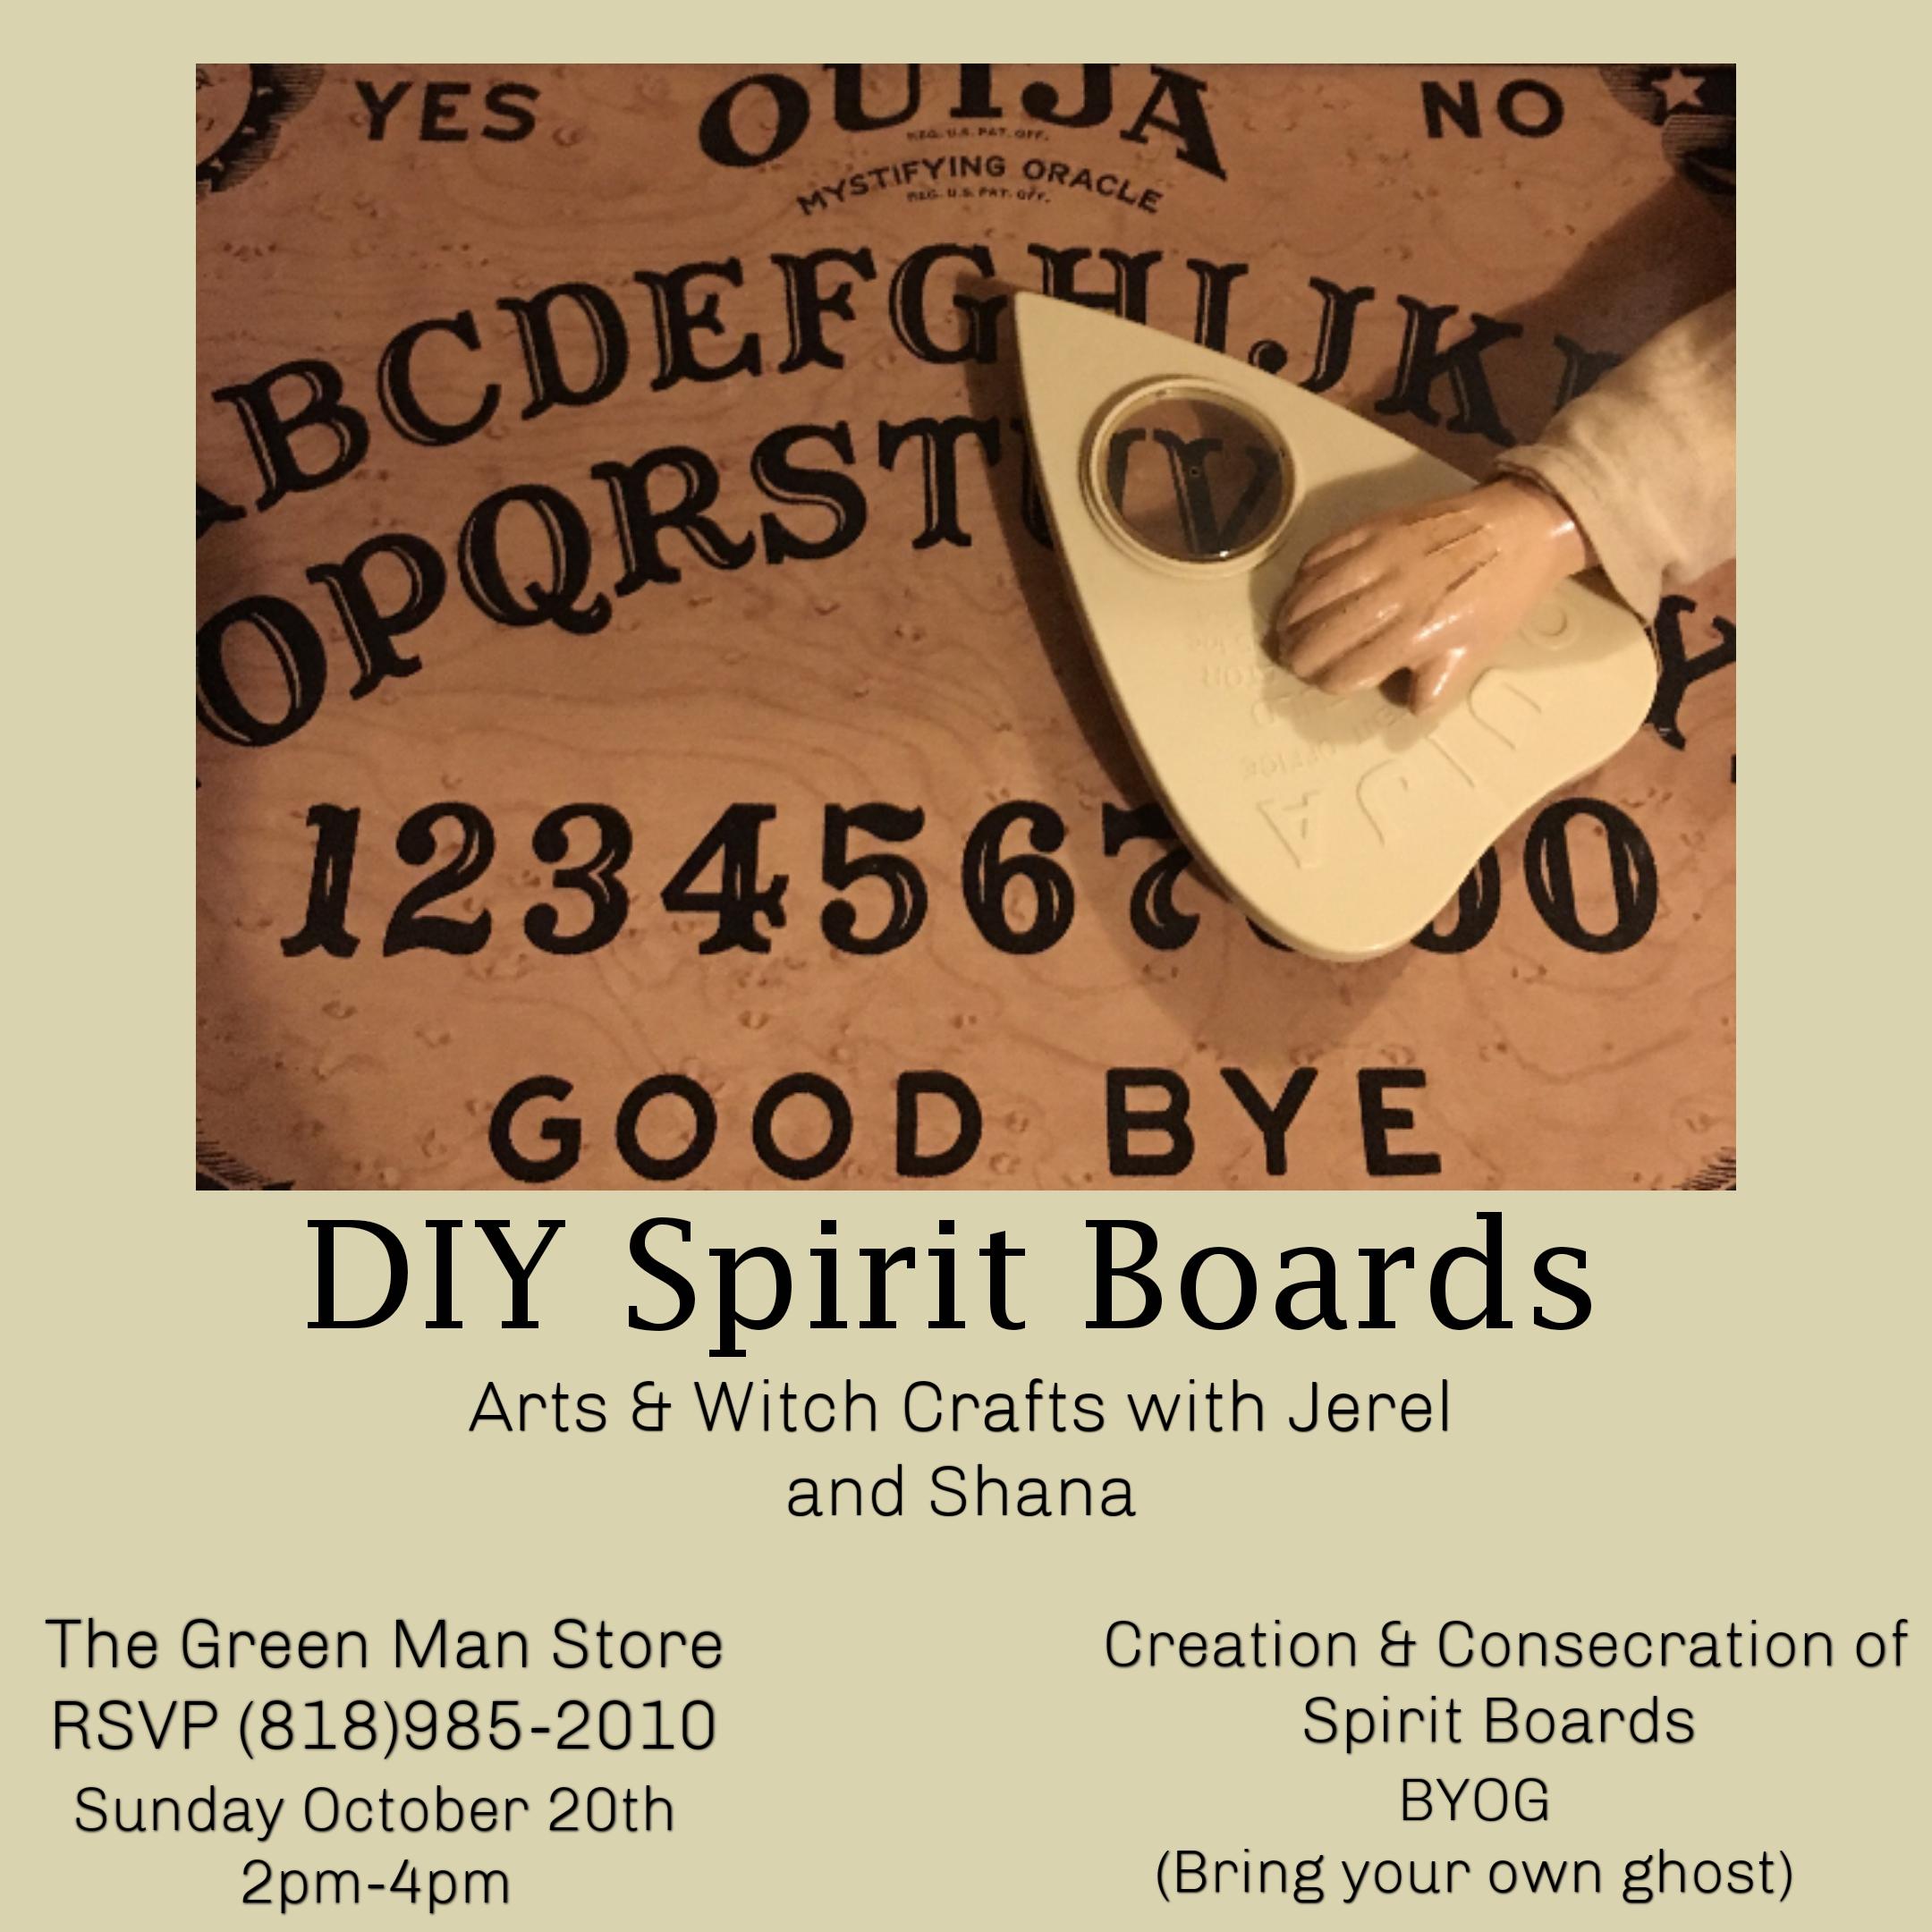 DIY spirit boards workshop flyer